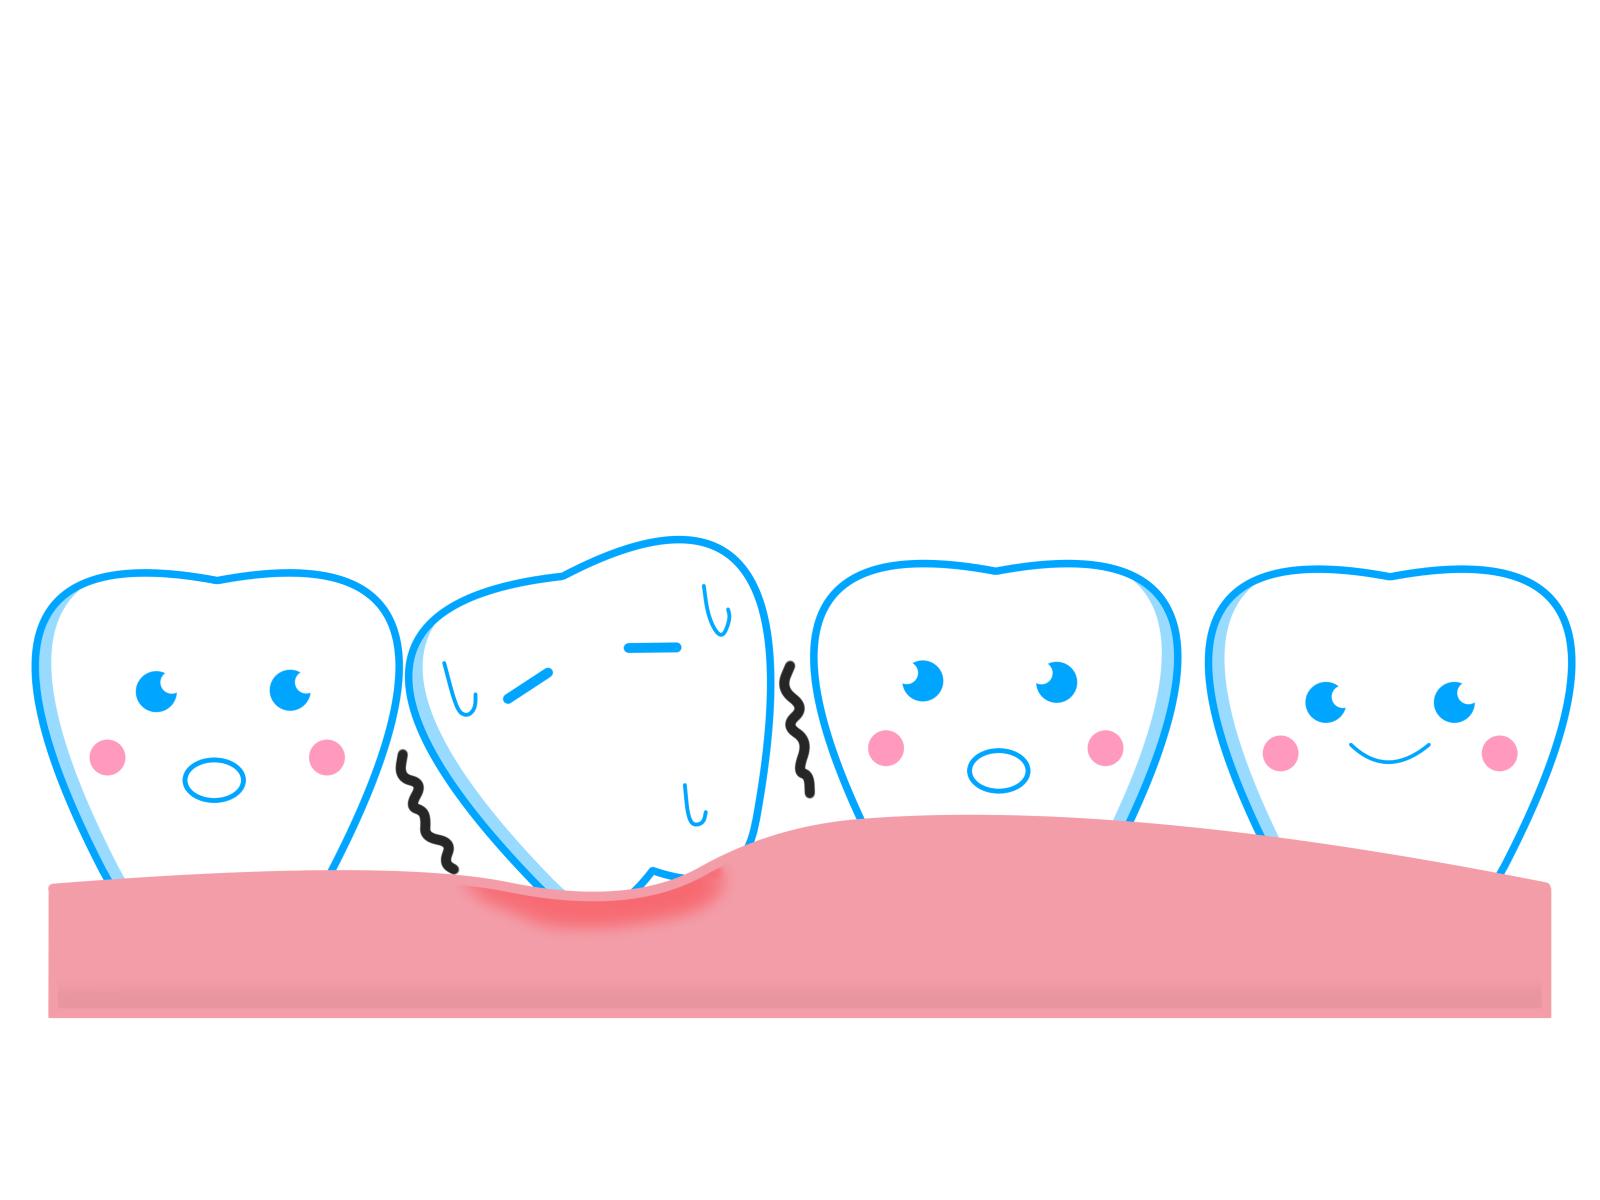 歯がなくなる2大原因は虫歯と歯周病